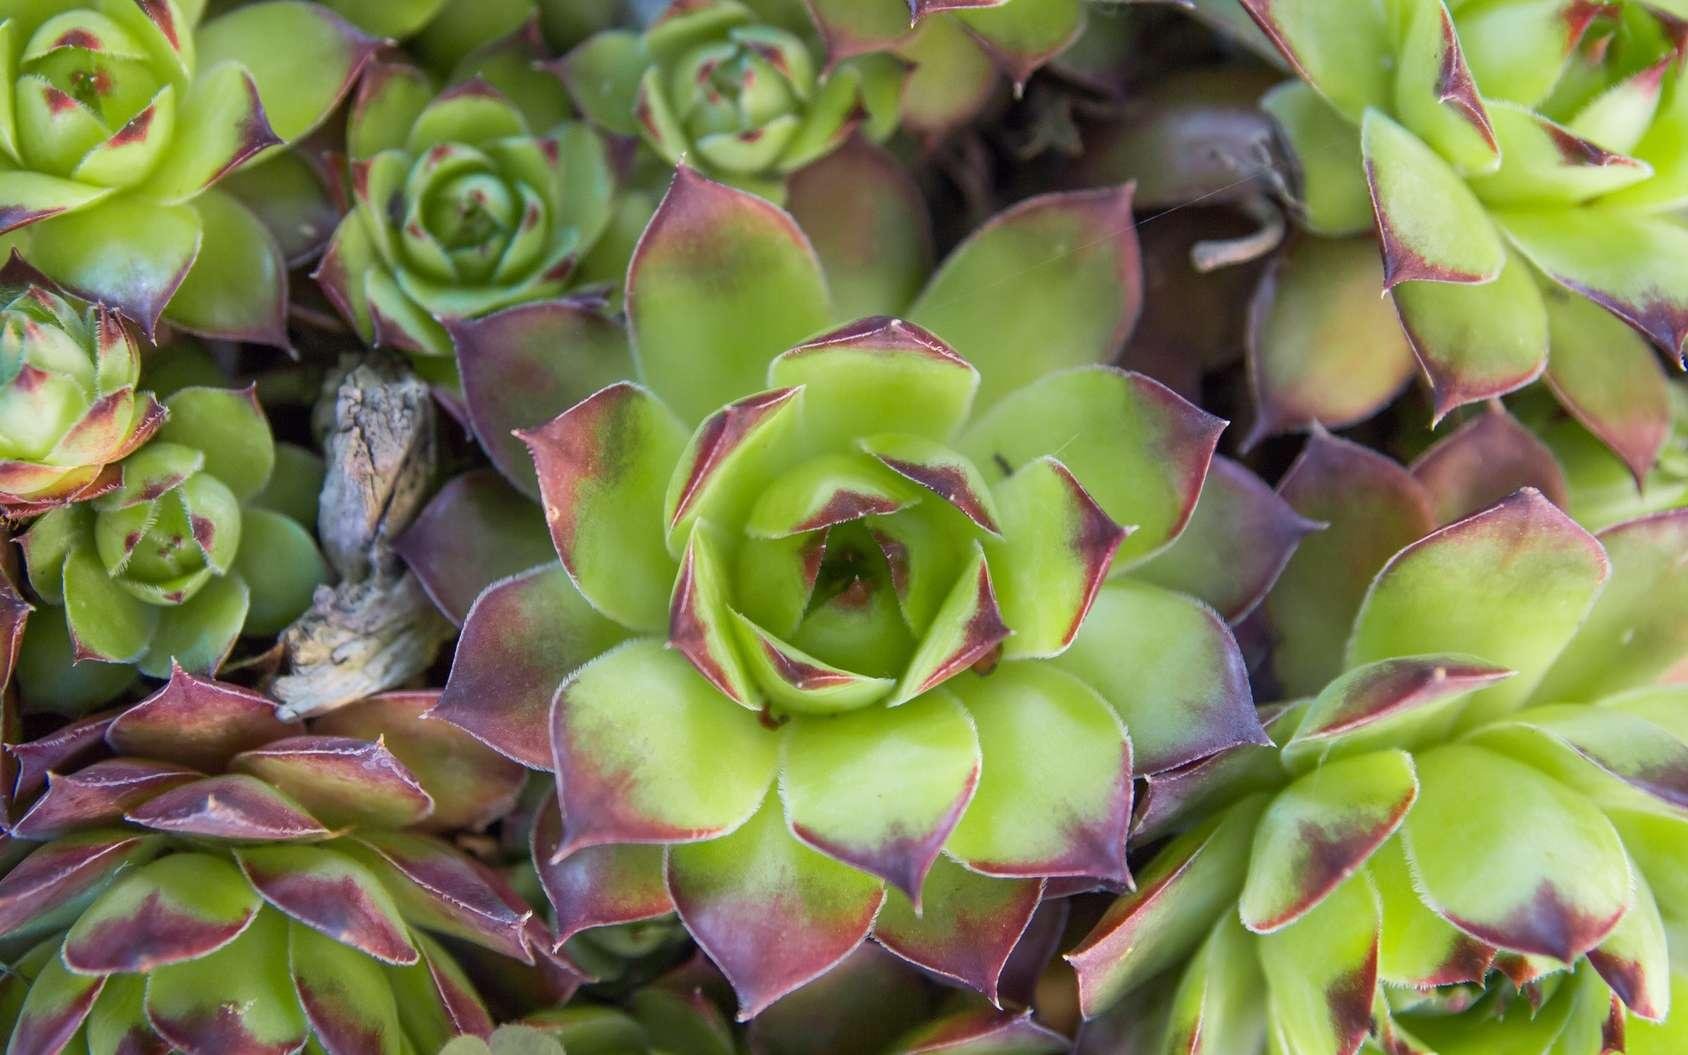 La joubarbe est une plante succulente ne nécessitant pas d'entretien particulier. © santiago silver, Fotolia